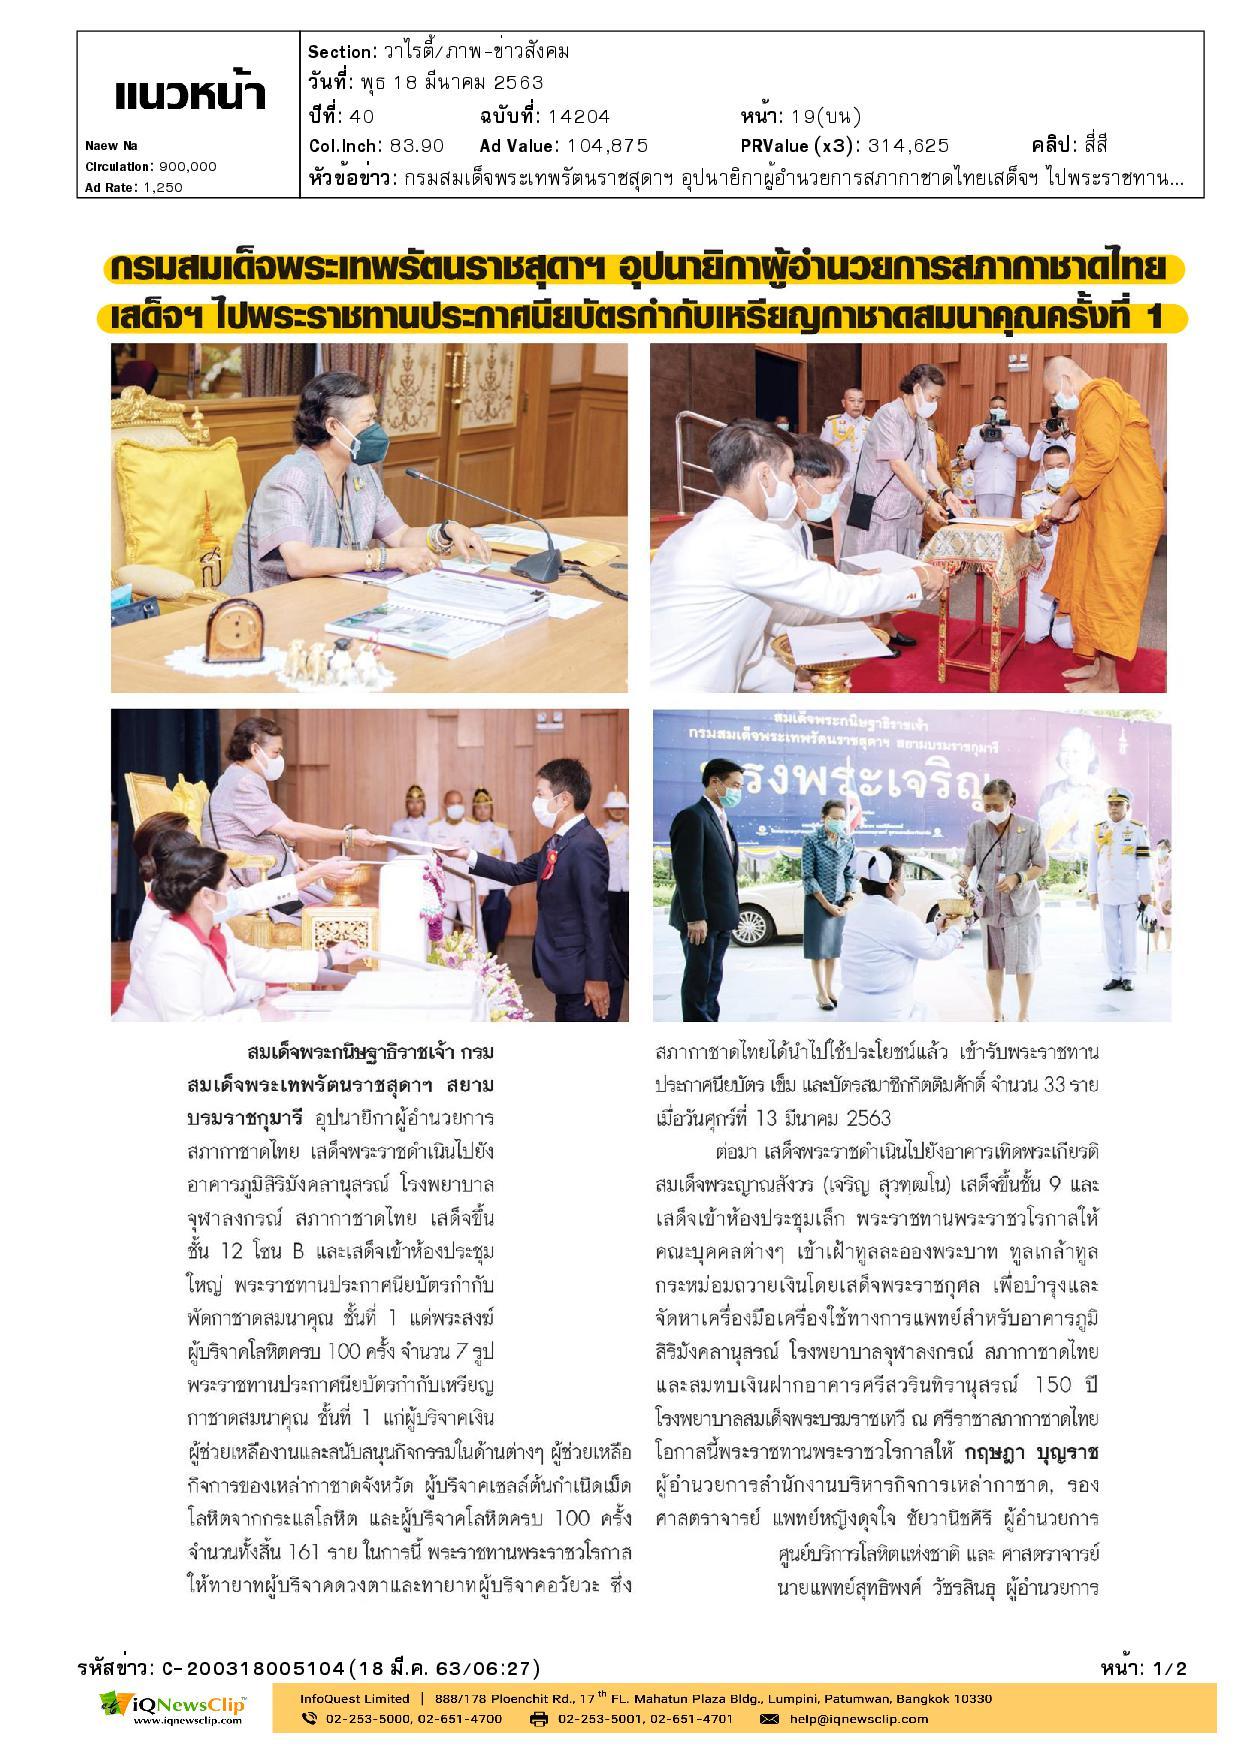 รประชุมคณะกรรมการสภากาชาดไทย ครั้งที่ 336